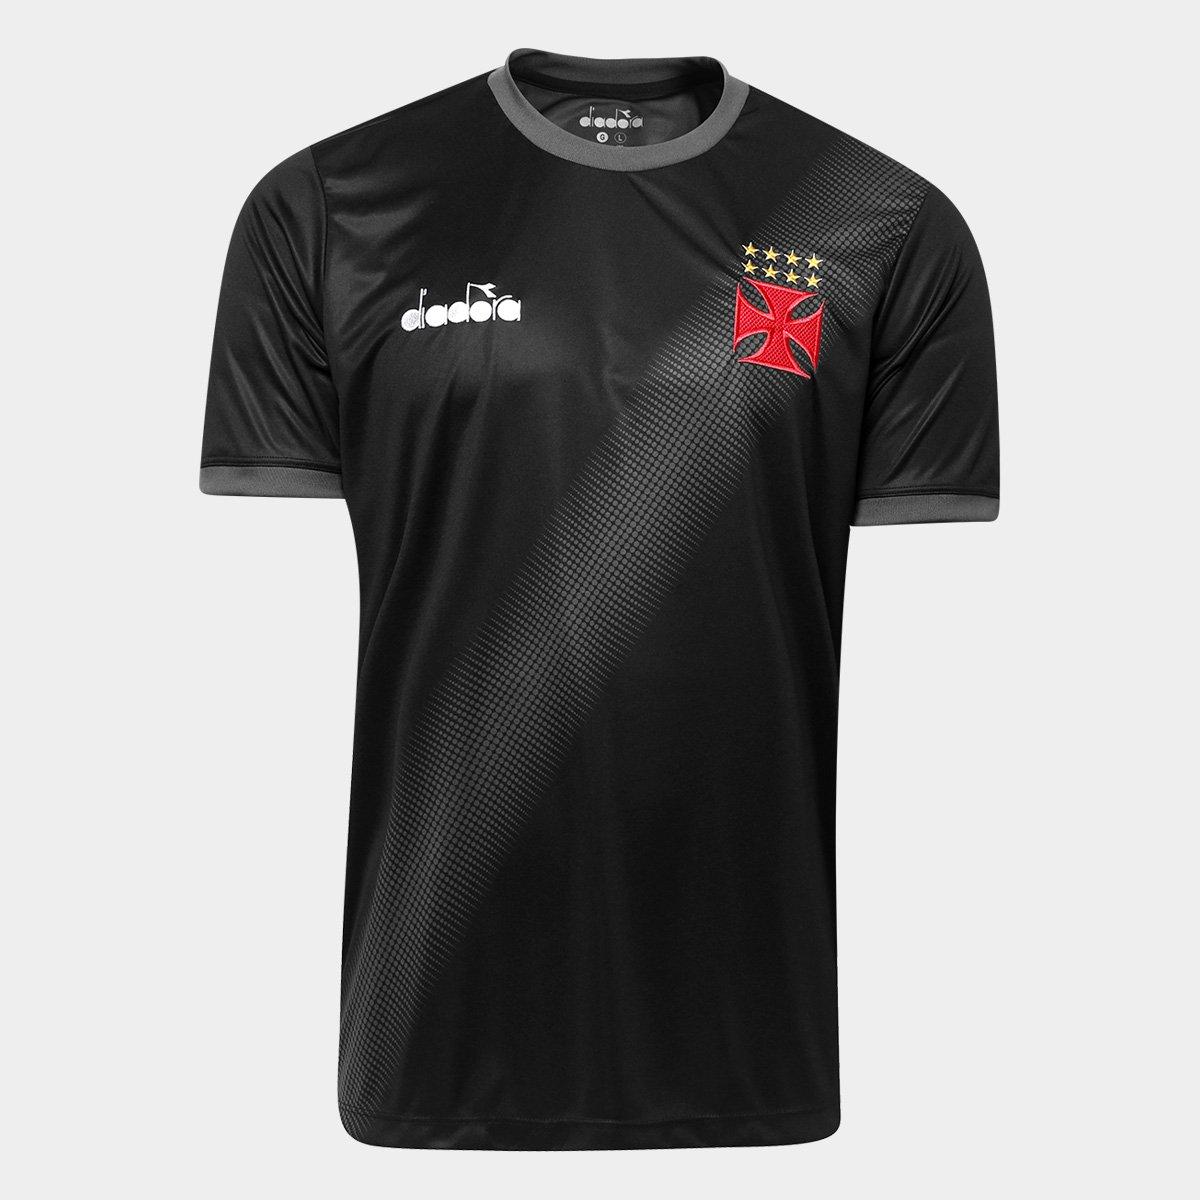 d3728e8cbdc Camisa Vasco Aquecimento 2018 Diadora Masculina - Compre Agora ...